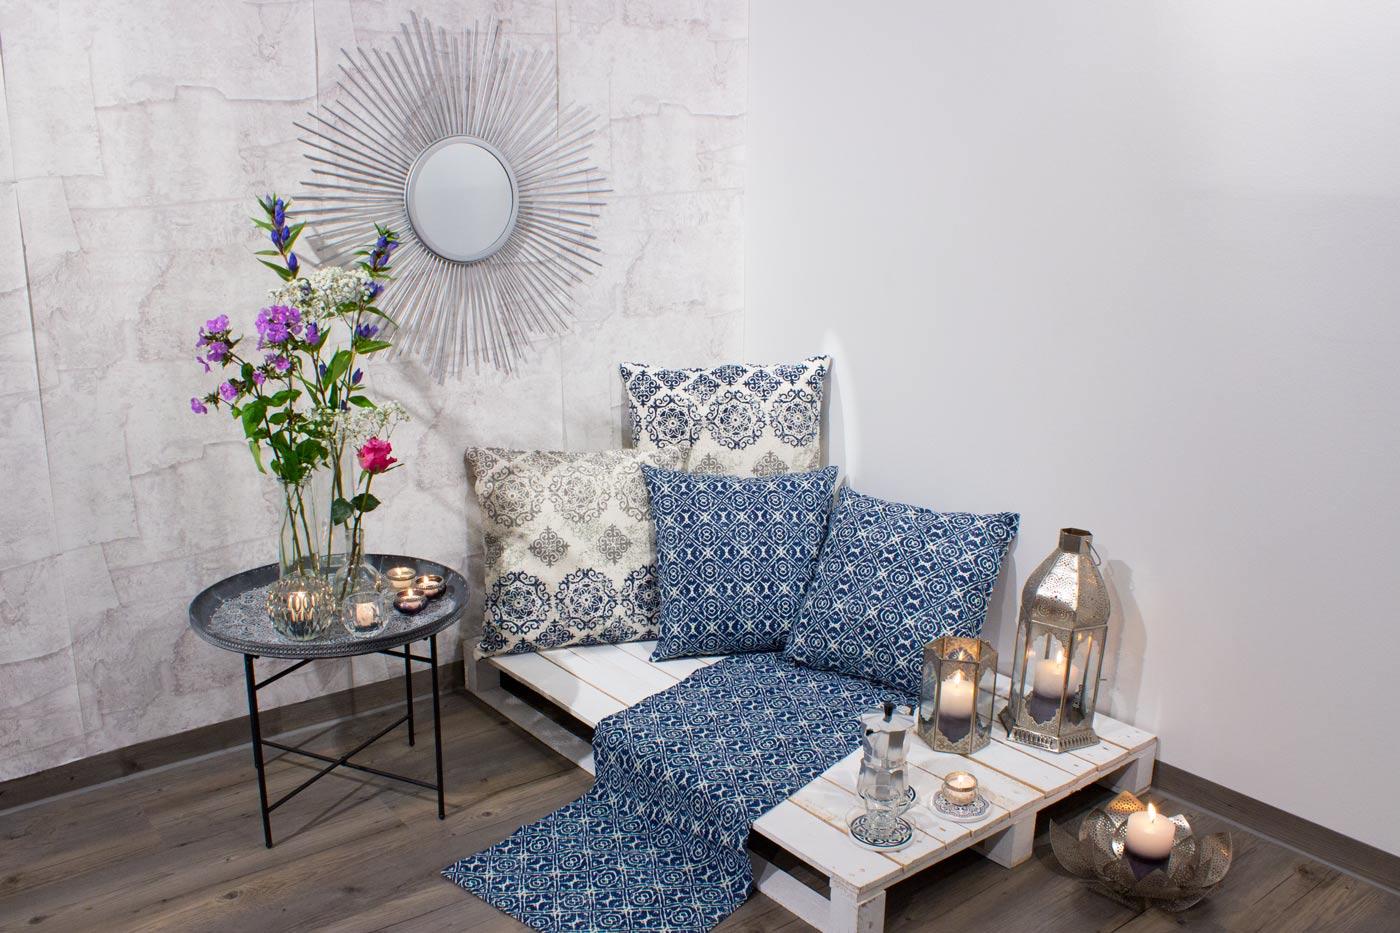 Depot styles deko im marrakesh style sch n bei dir by for Deko beistelltisch